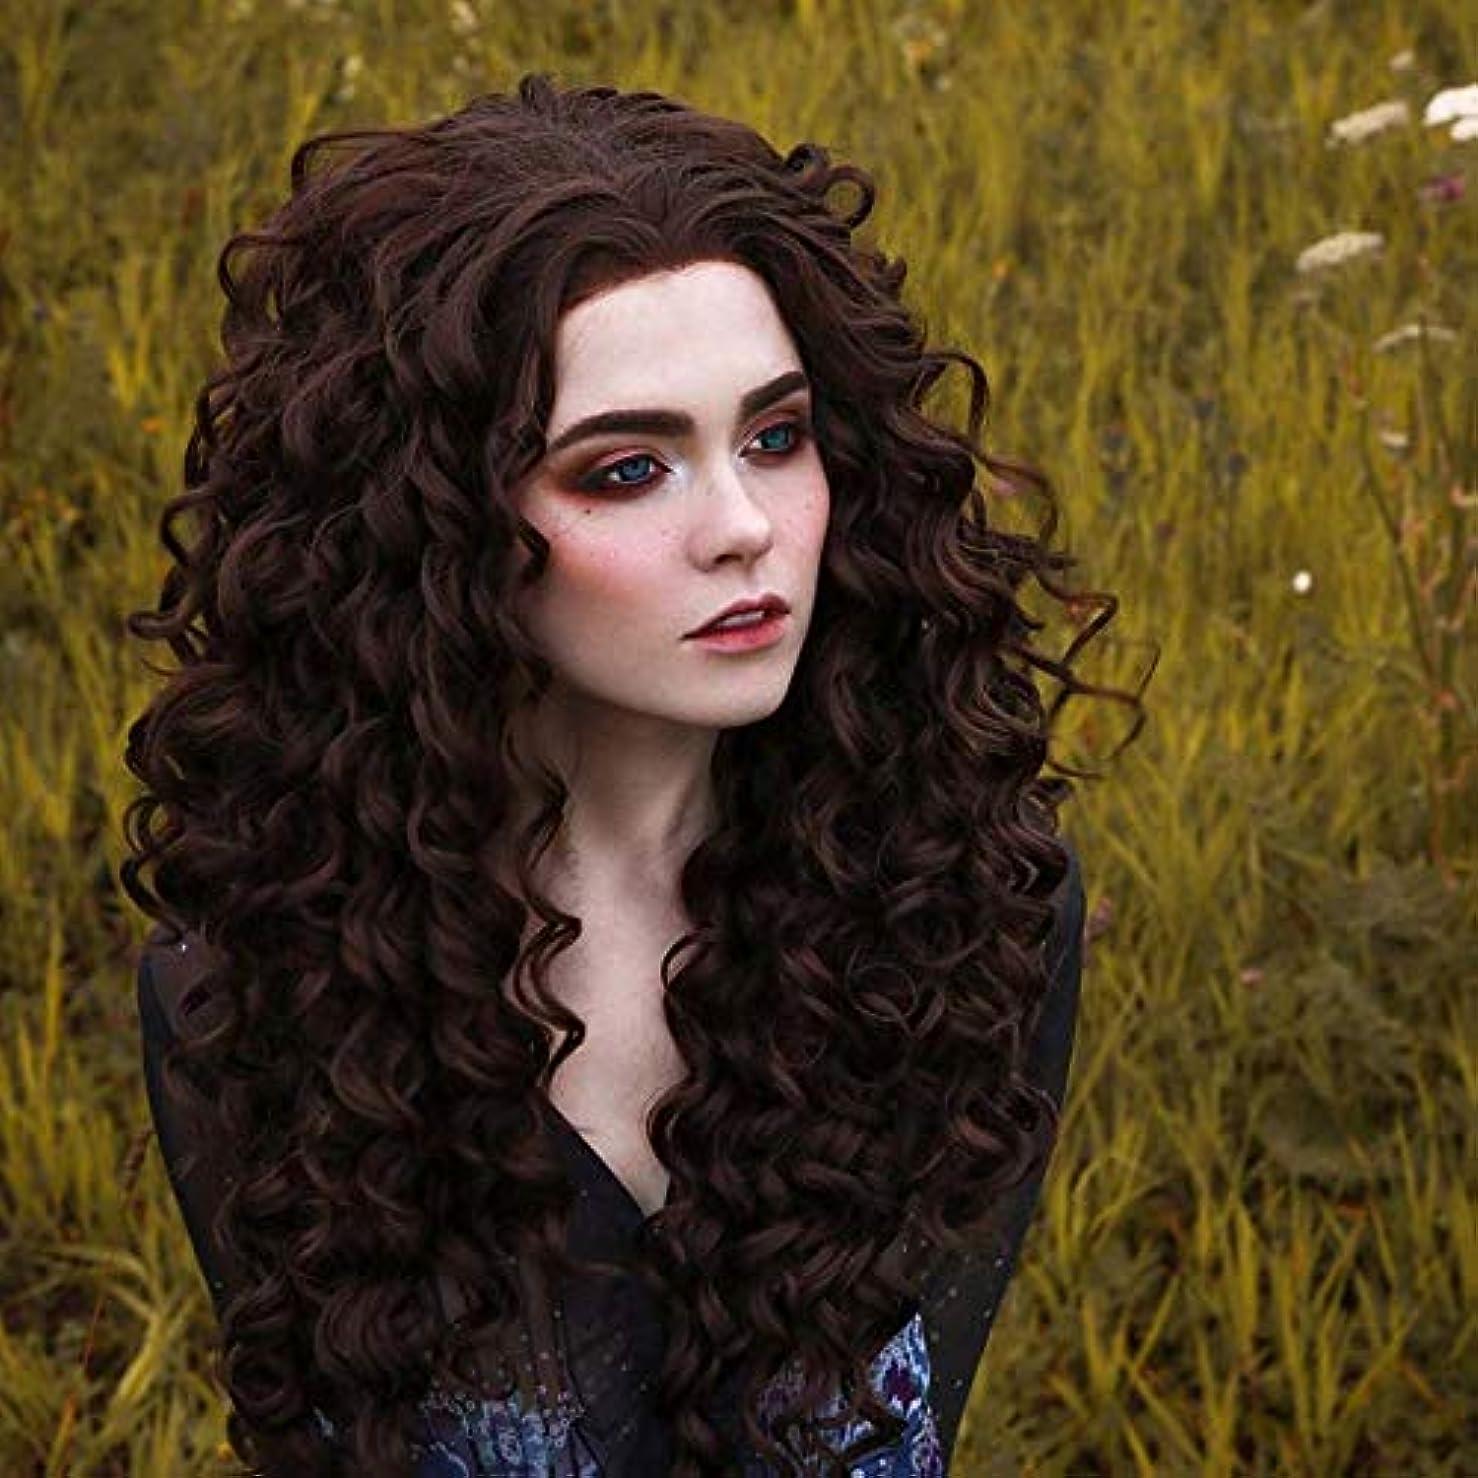 真夜中甥バレルZXF さんヨーロッパアフリカフロントレース茶色の小さな小さな波化学繊維前髪高温シルクヘッドふわふわ モデルの女性のかつらは染色することができます 美しい (Size : 26